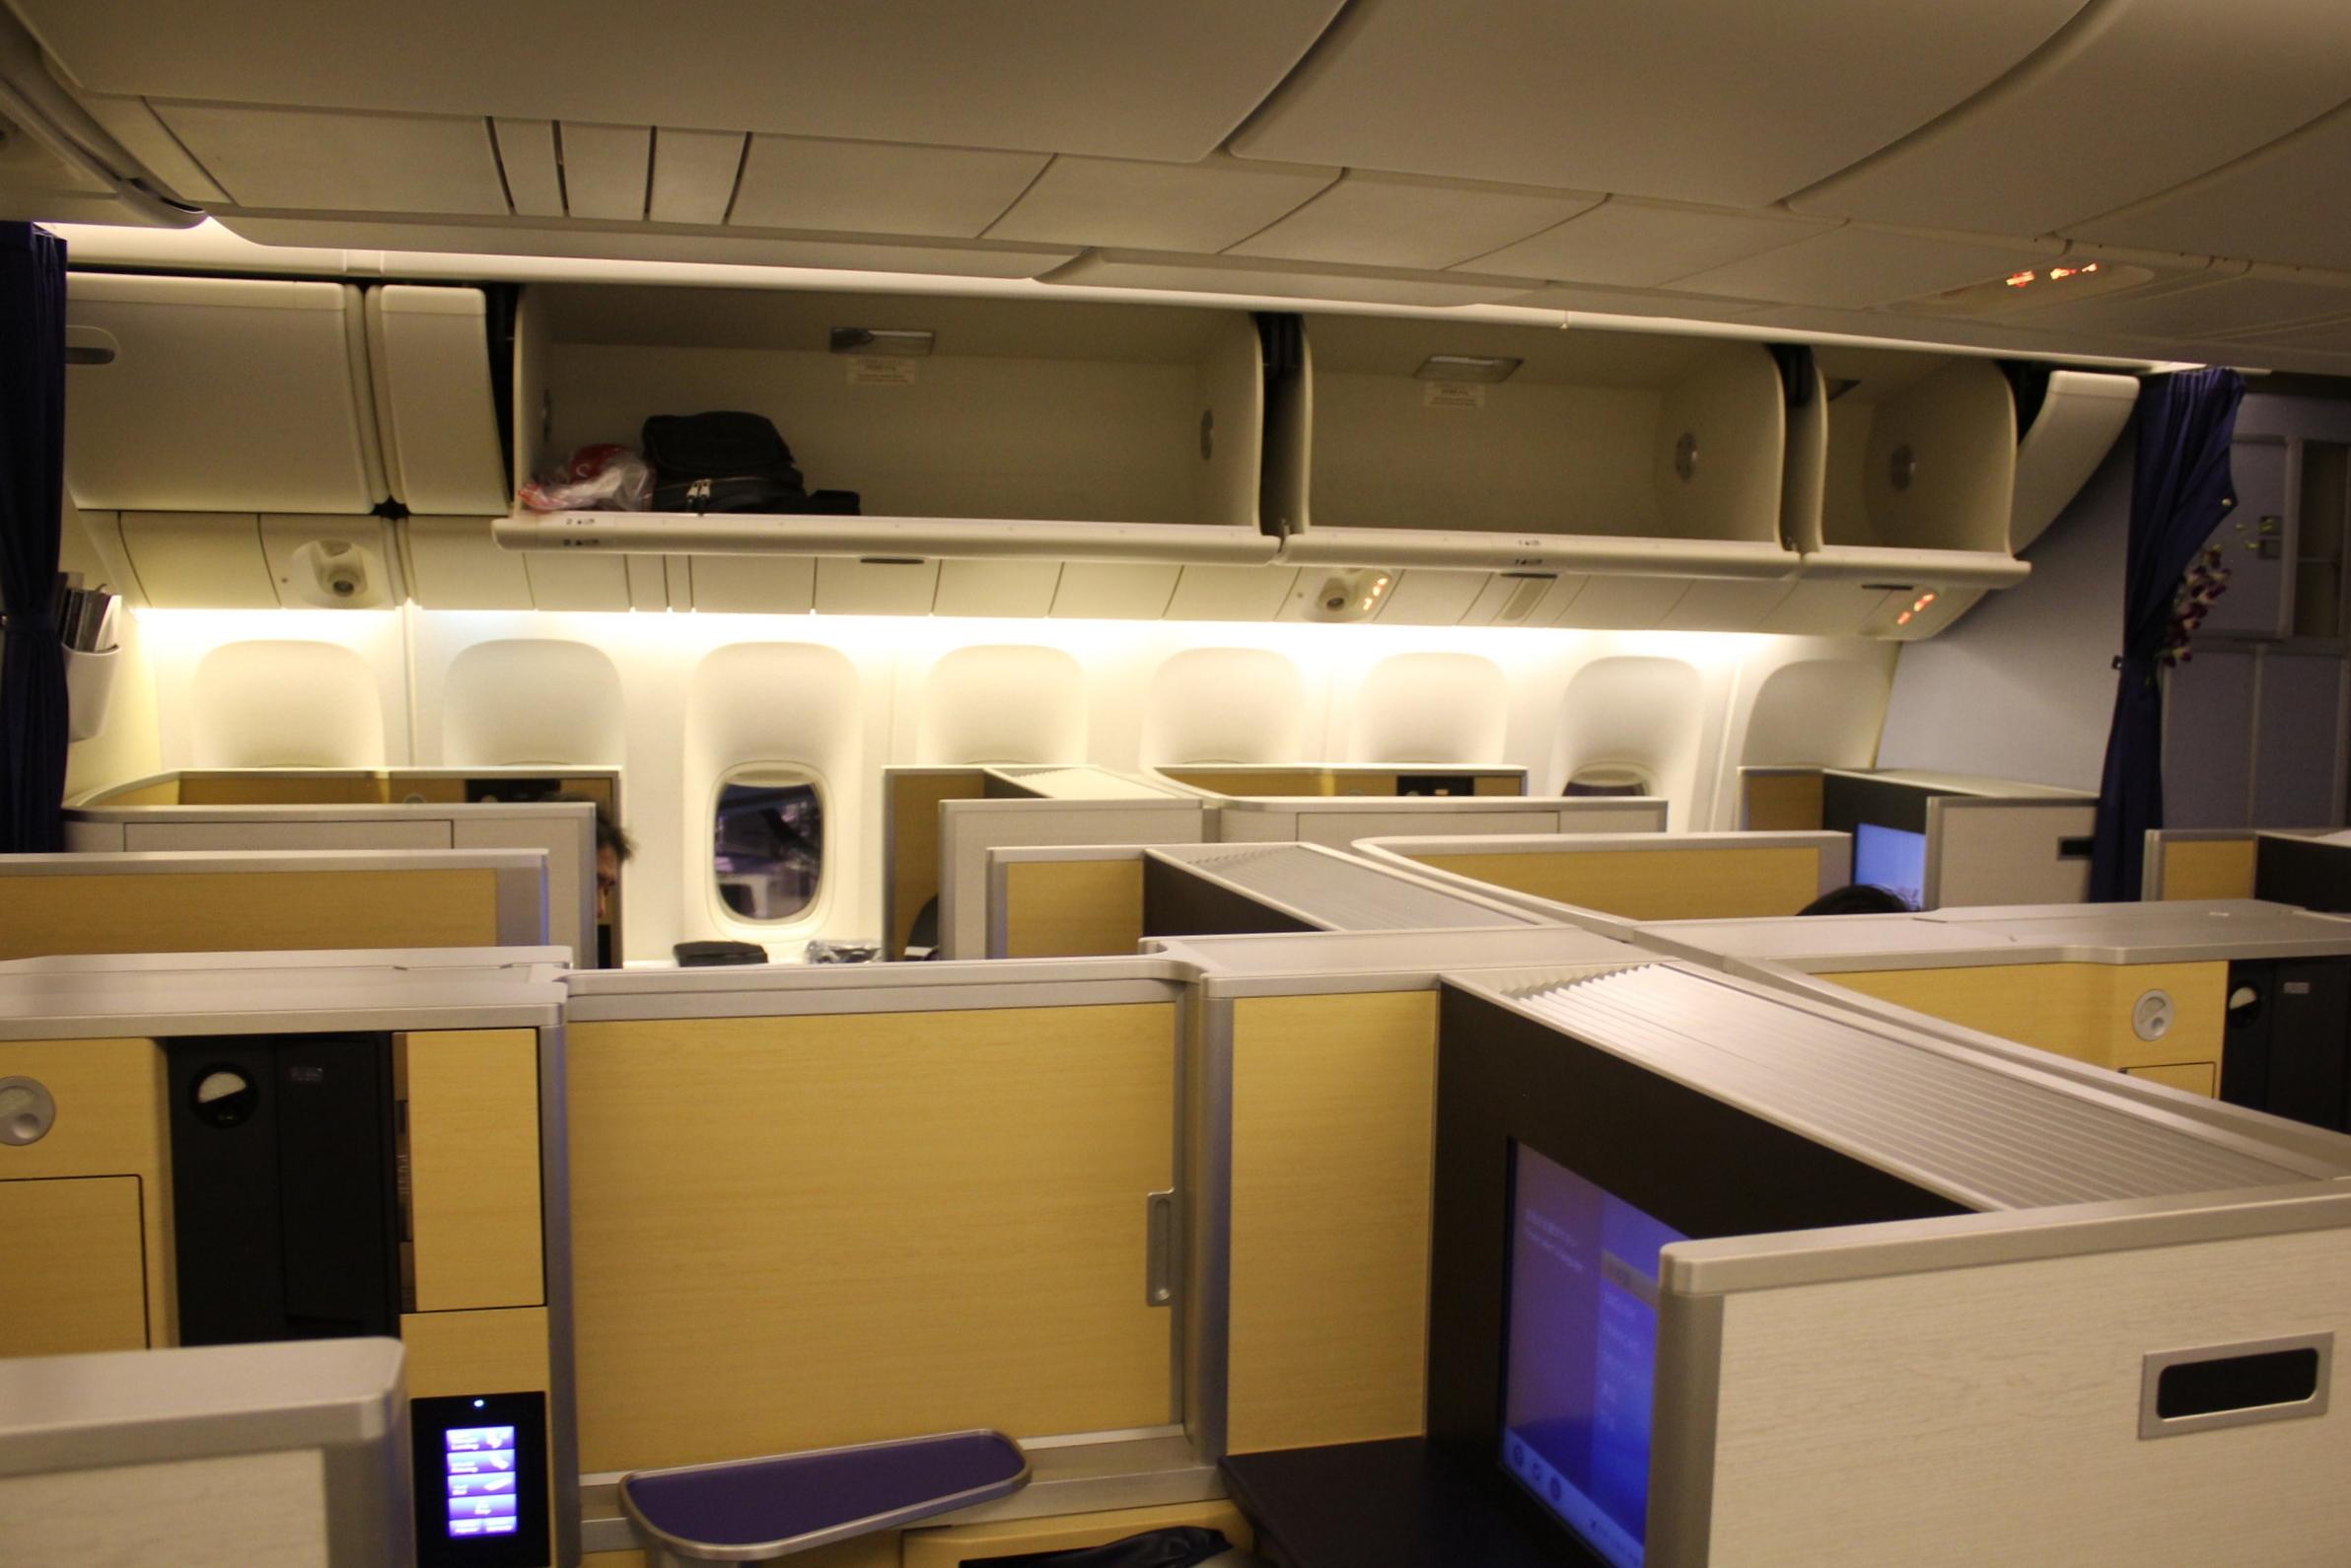 ANA First Class – Cabin